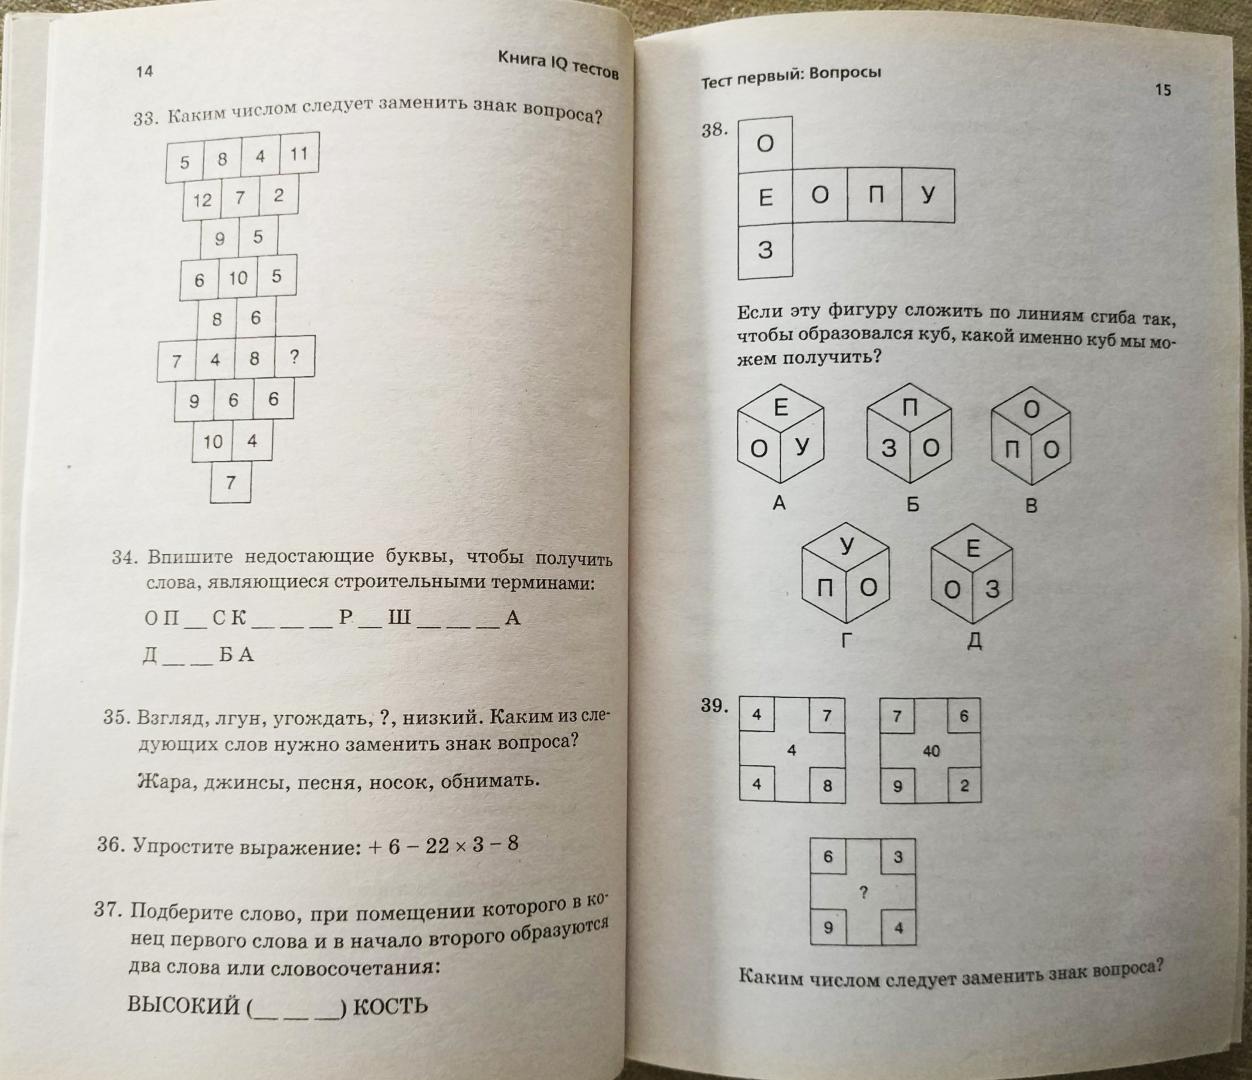 Иллюстрация 5 из 8 для Самые точные тесты IQ - Картер, Рассел | Лабиринт - книги. Источник: Ершова  Надежда Борисовна